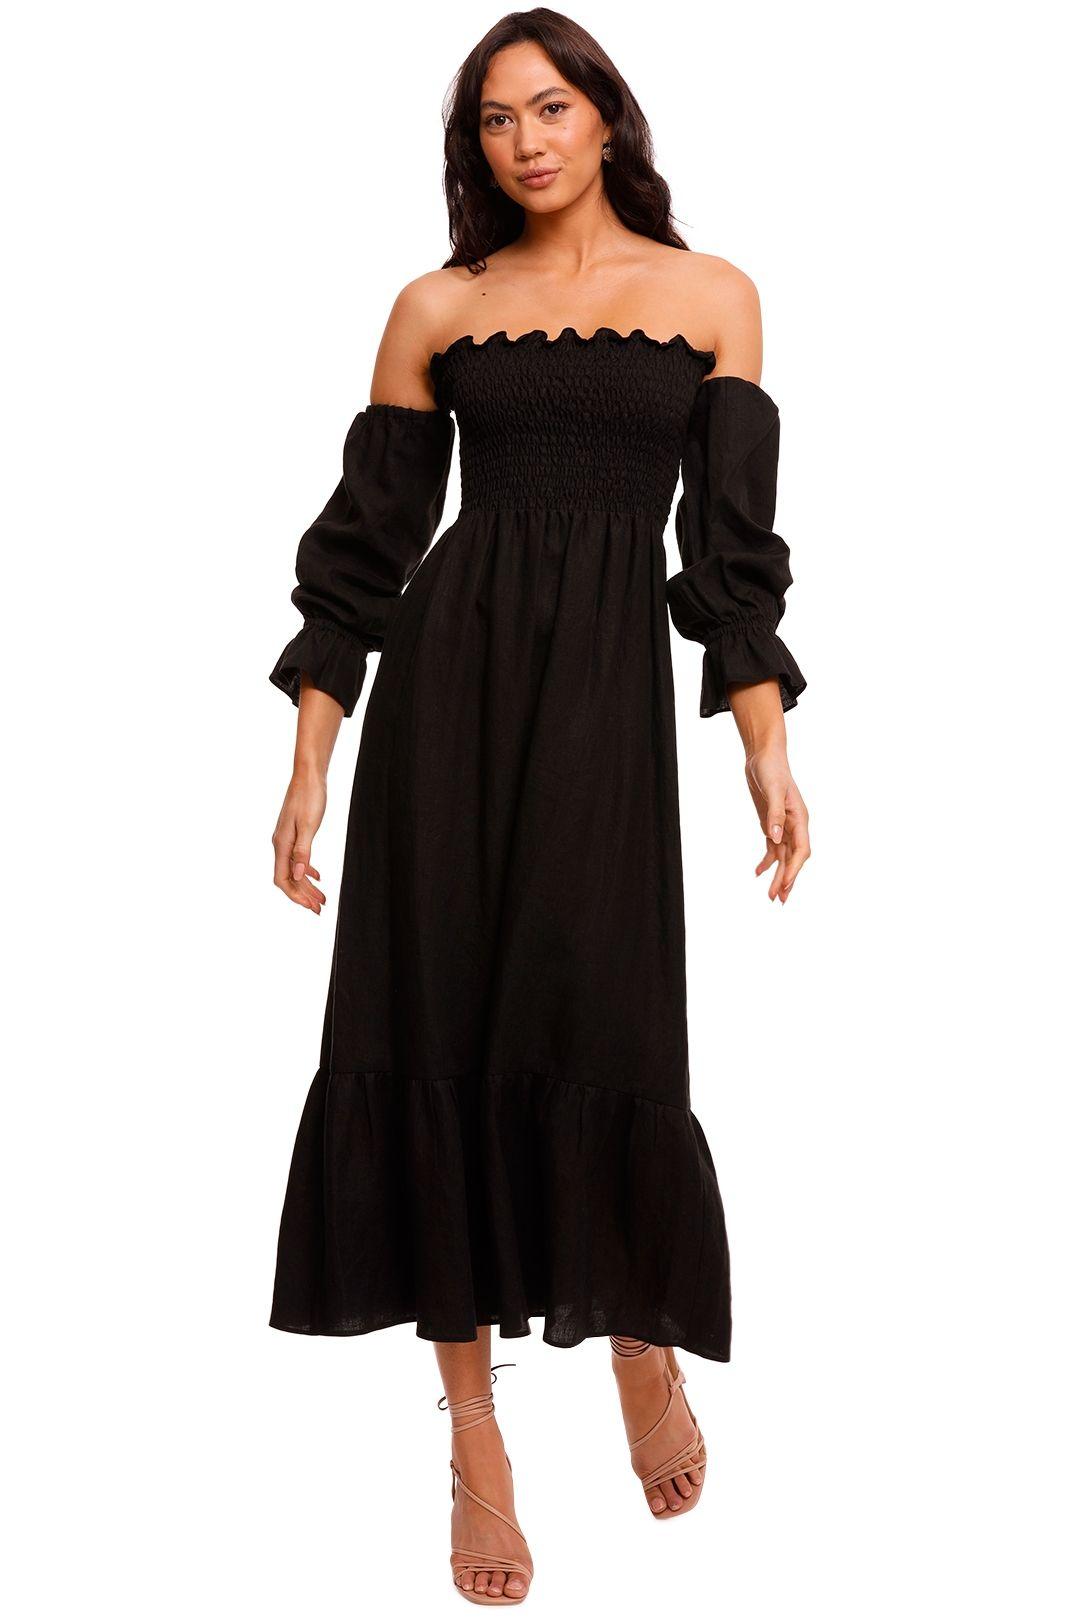 Jillian Boustred Esther Dress